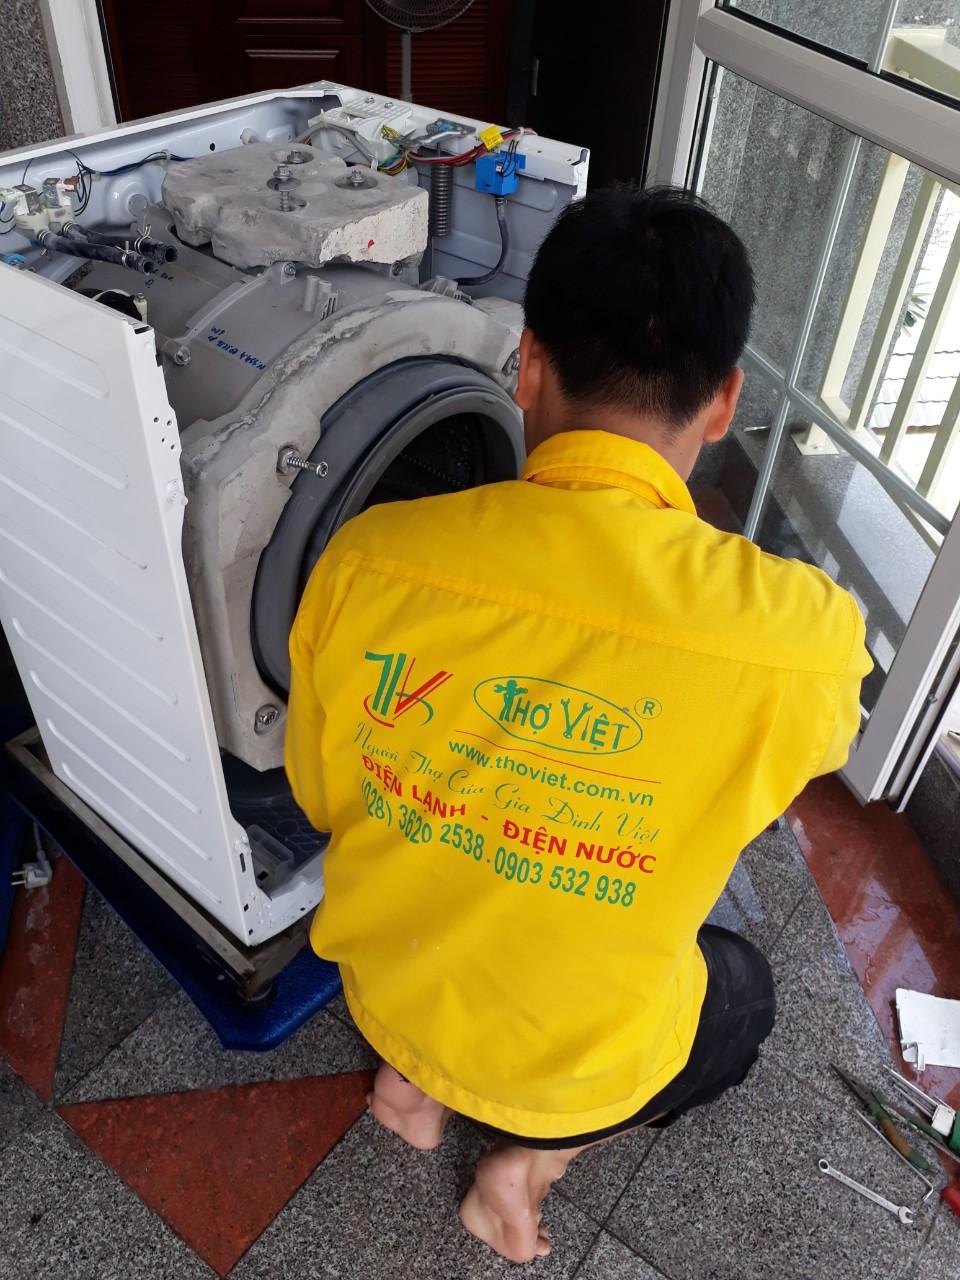 Vệ sinh máy lạnh lồng ngang giá rẻ tại TPHCM